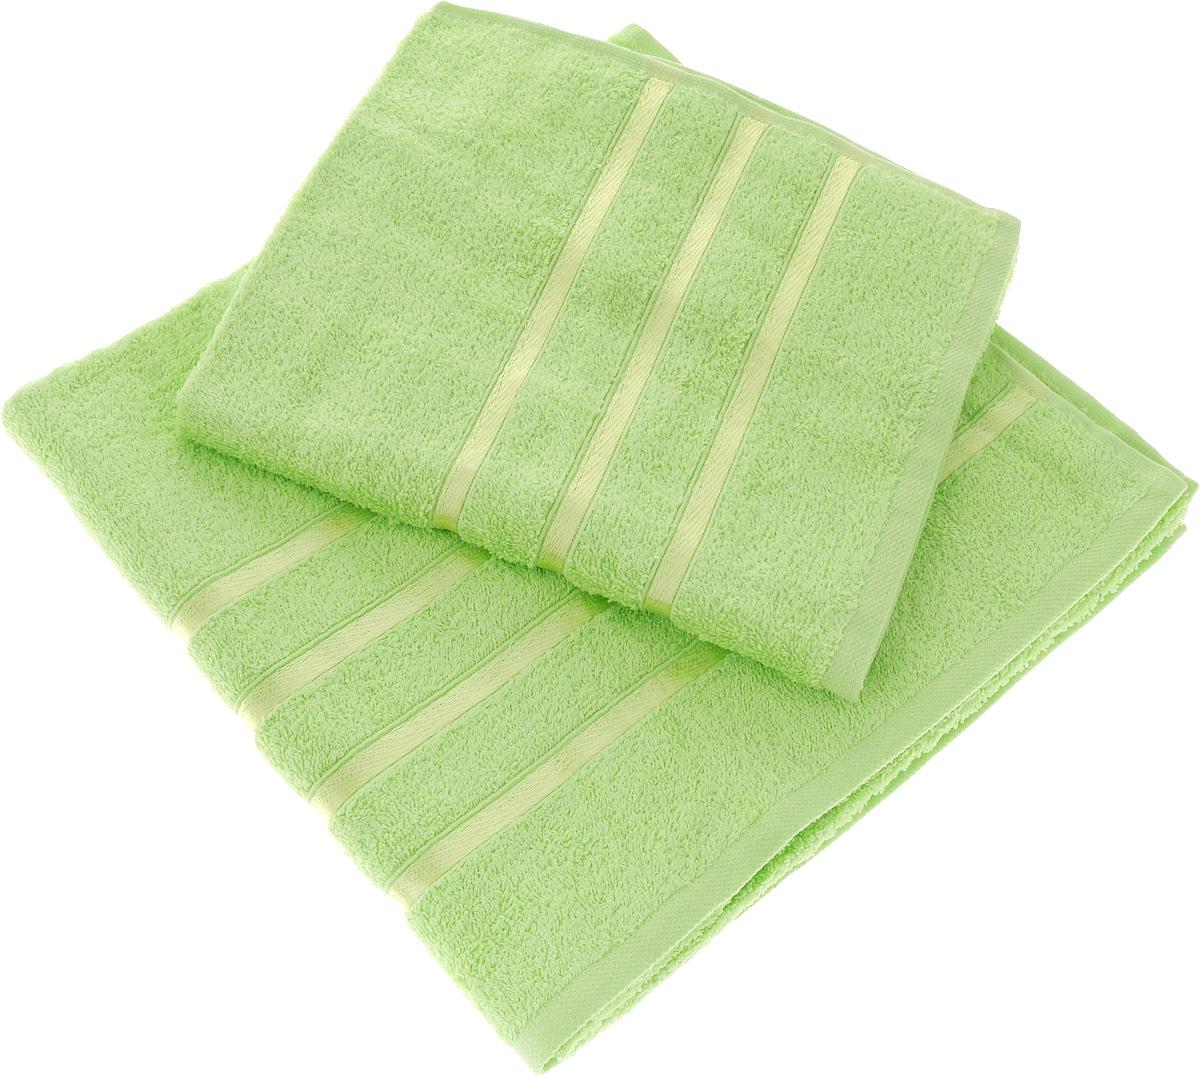 Набор полотенец Tete-a-Tete Ленты, цвет: салатовый, 2 шт. УНП-10168/5/1Набор Tete-a-Tete Ленты состоит из двух махровых полотенец, выполненных из натурального 100% хлопка. Бордюр полотенец декорирован лентами. Изделия мягкие, отлично впитывают влагу, быстро сохнут, сохраняют яркость цвета и не теряют форму даже после многократных стирок. Полотенца Tete-a-Tete Ленты очень практичны и неприхотливы в уходе. Они легко впишутся в любой интерьер благодаря своей яркой цветовой гамме.